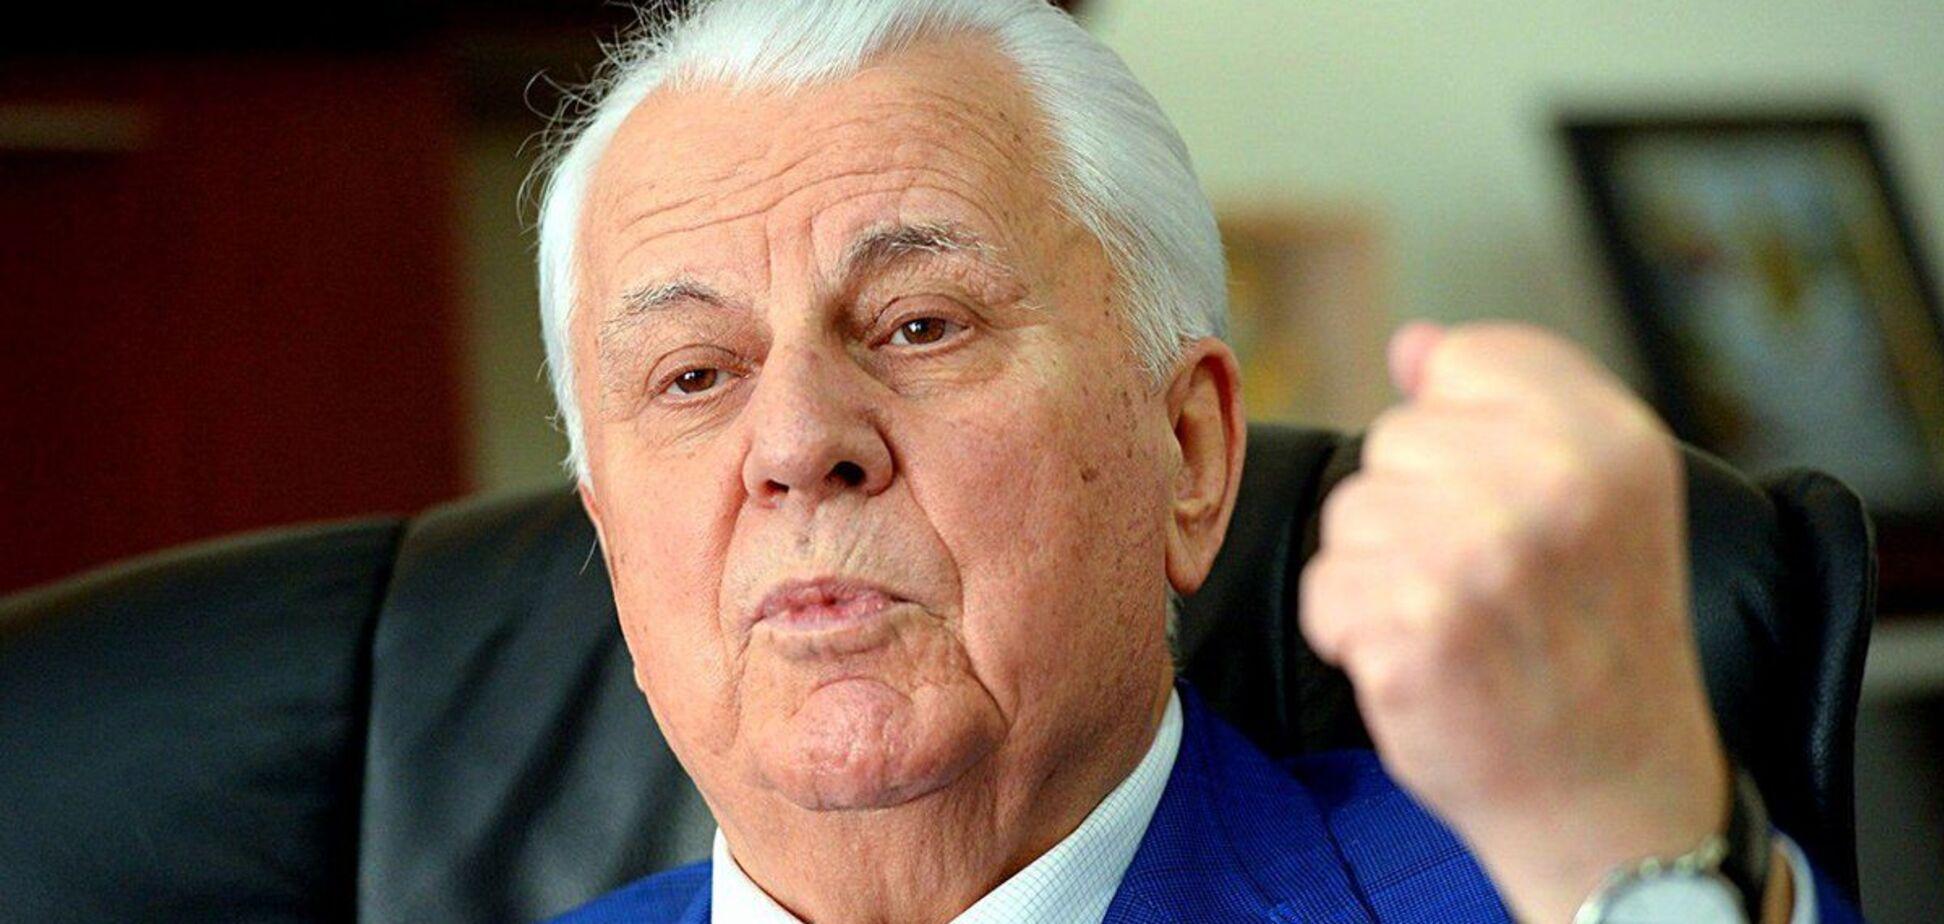 Кравчук розповів, як його дядька через донос розстріляли співробітники НКВС